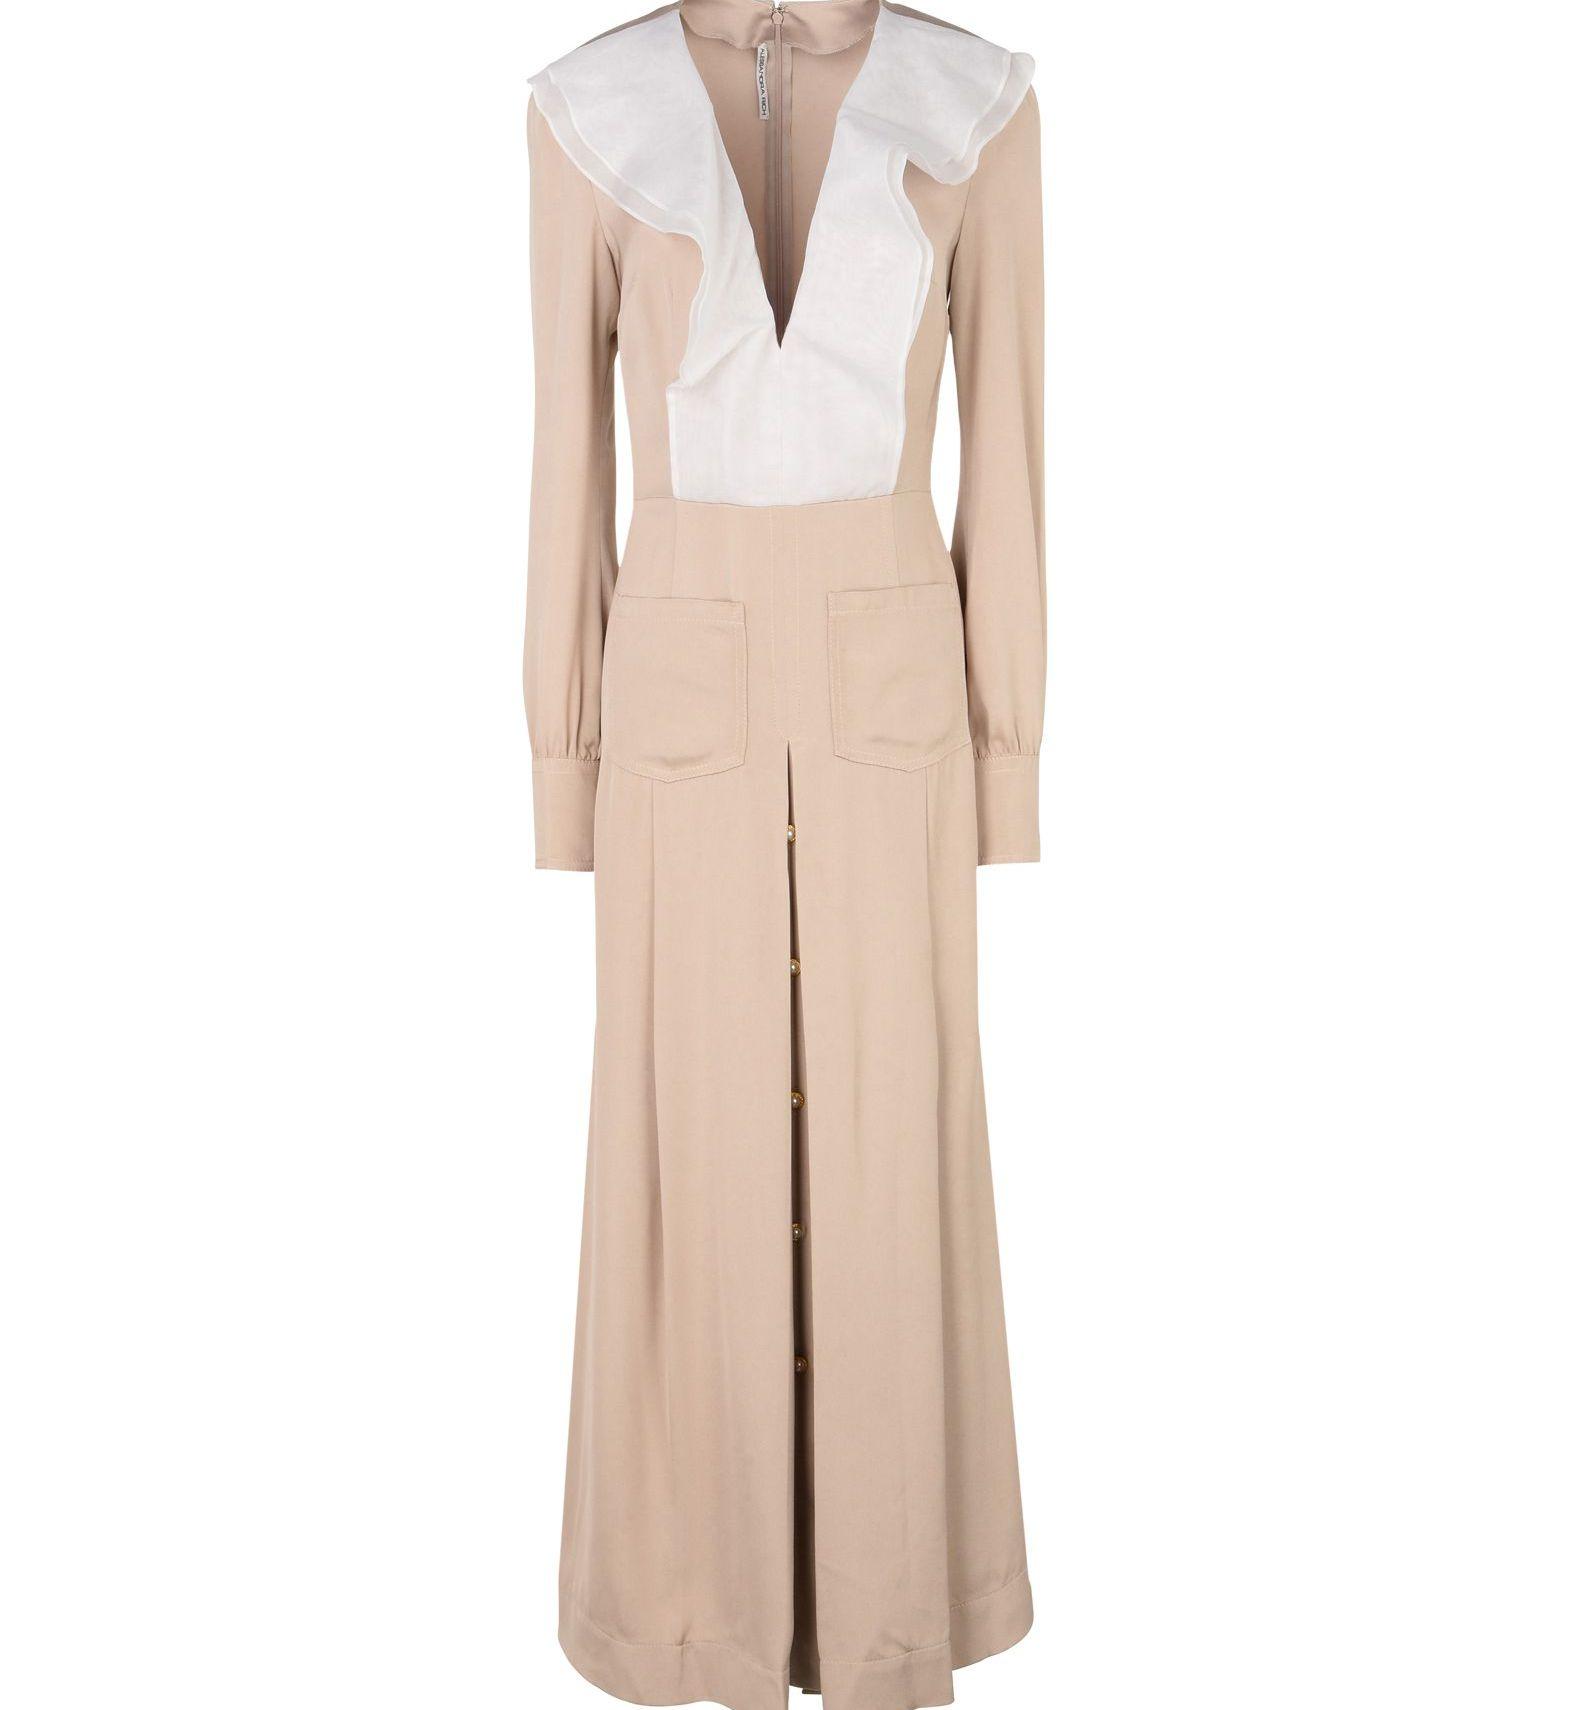 ALESSANDRA RICH ΦΟΡΕΜΑΤΑ Μακρύ φόρεμα